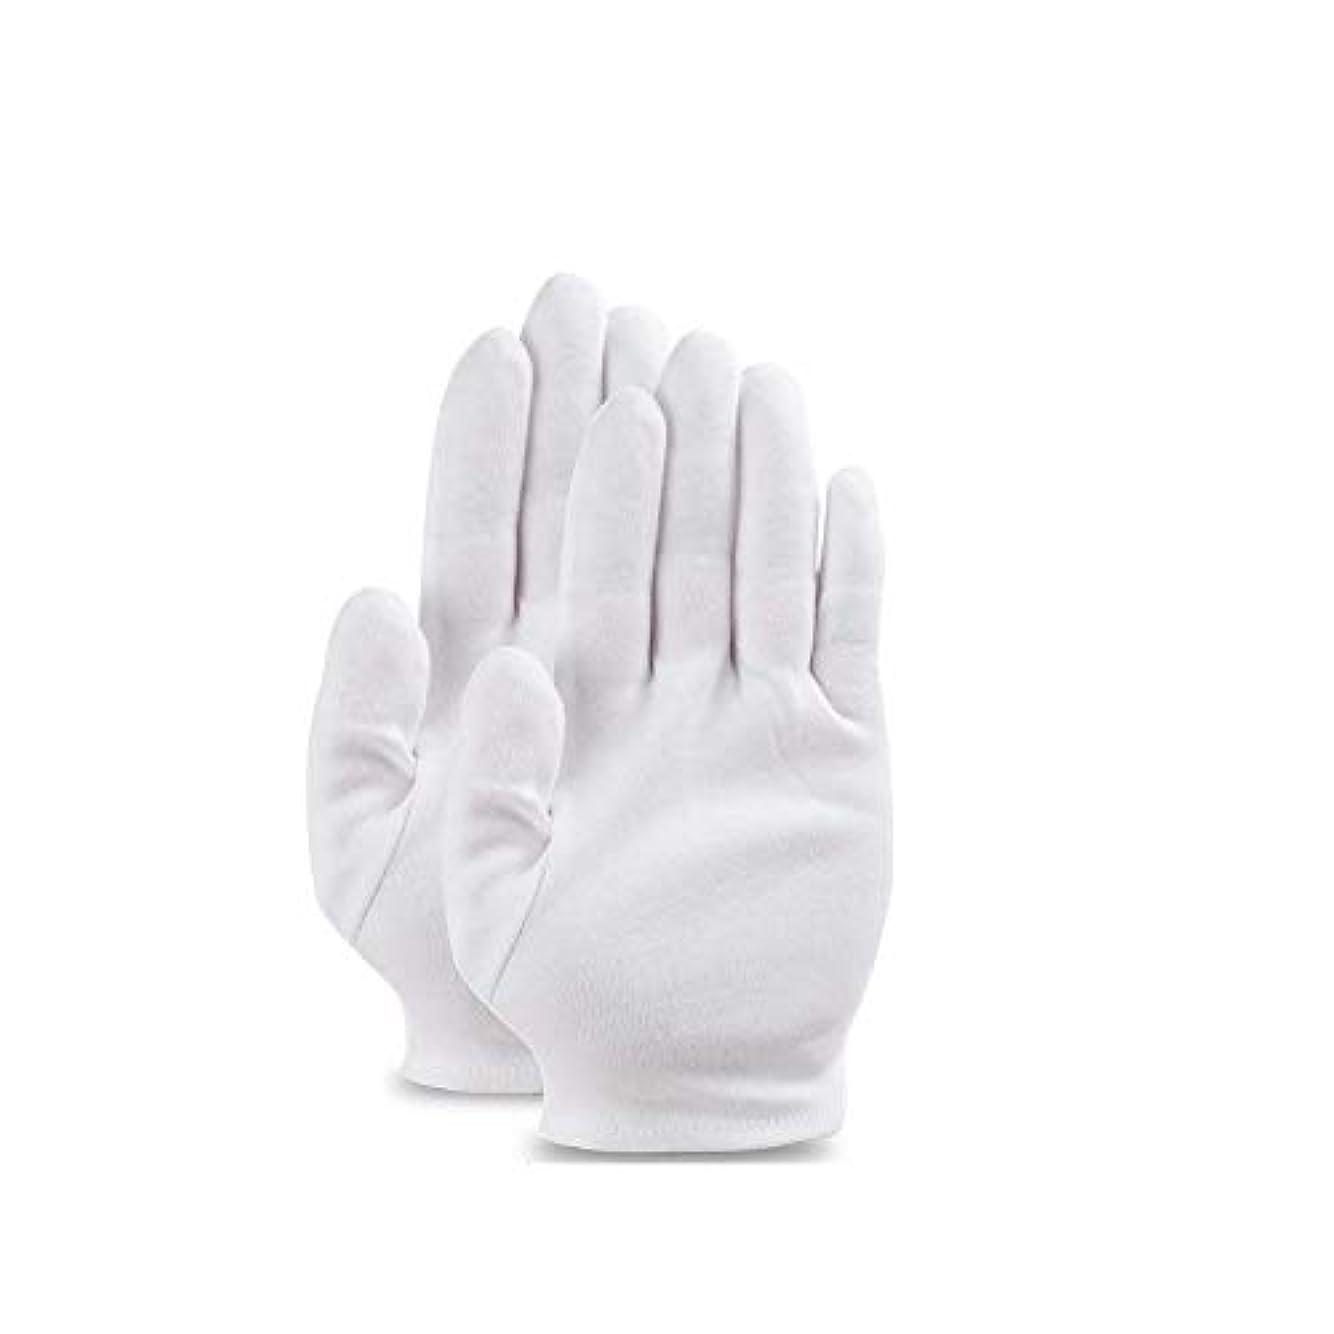 パトワ投獄下着コットン手袋 耐久性が強い上に軽く高品質通気性伸縮性手荒れ予防 白20枚入り